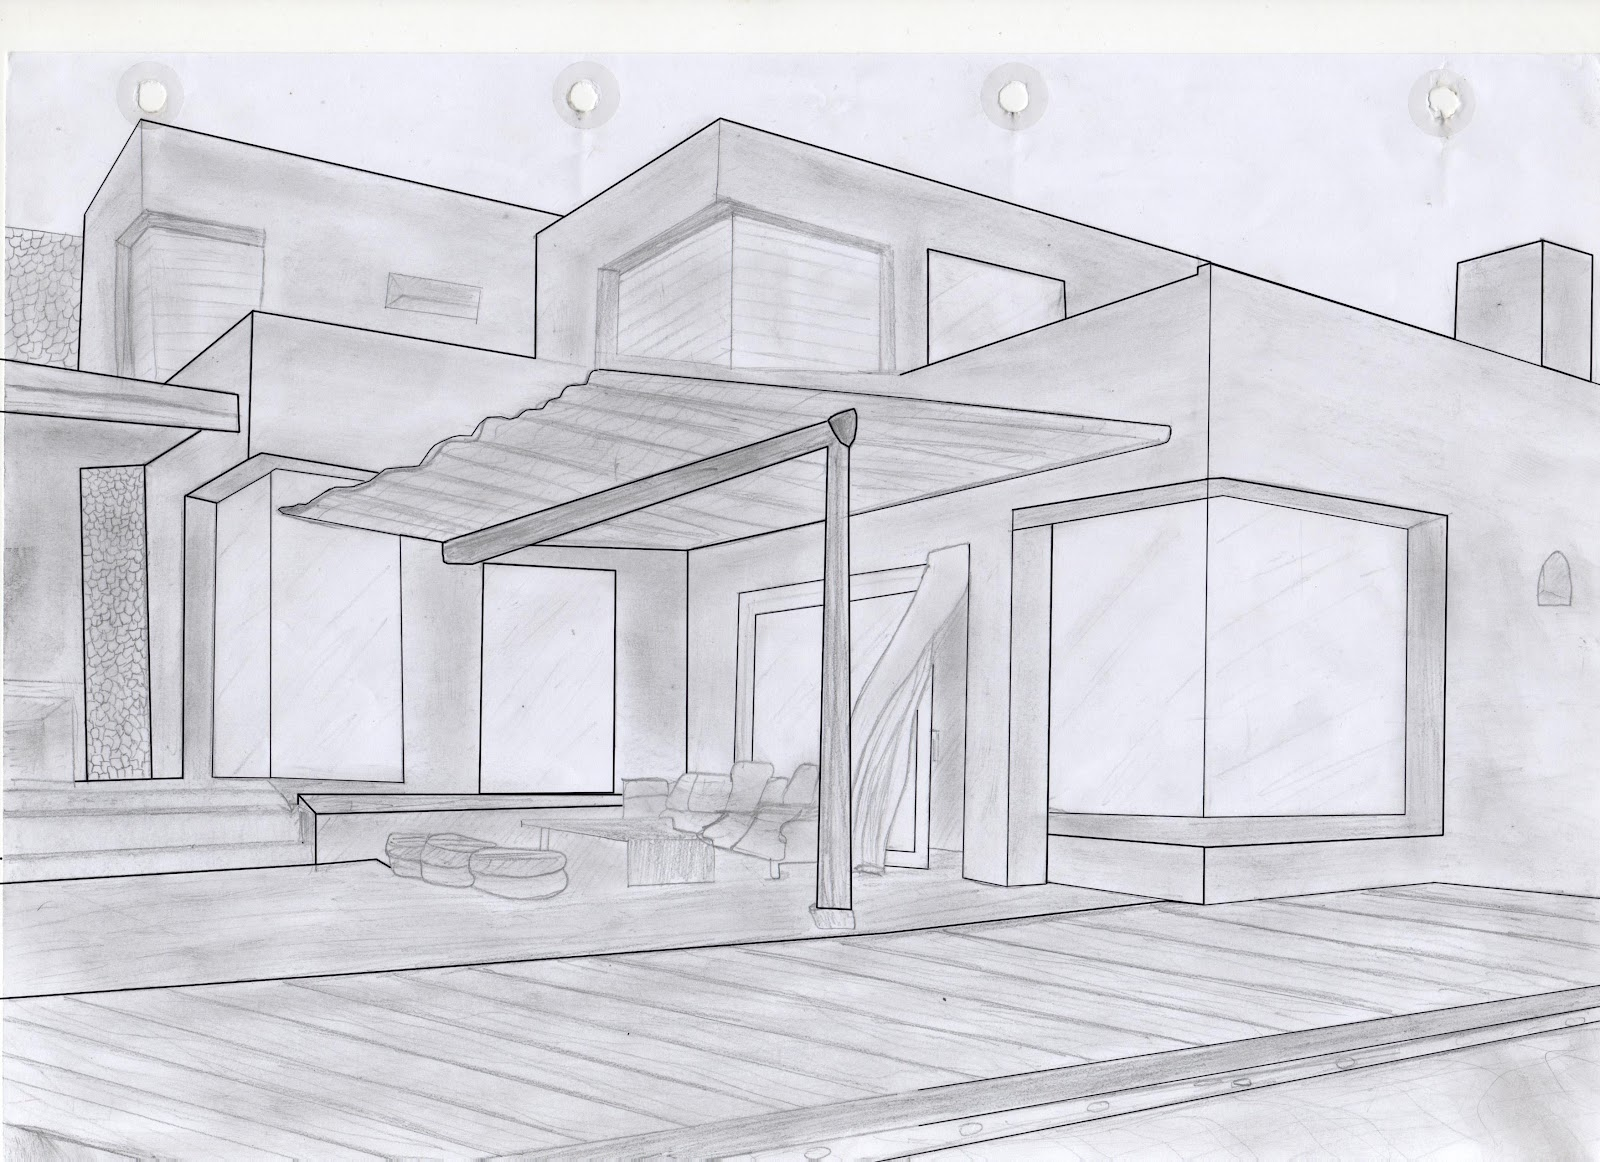 Dibujos Faciles De Ranchos Related Keywords Suggestions Dibujos